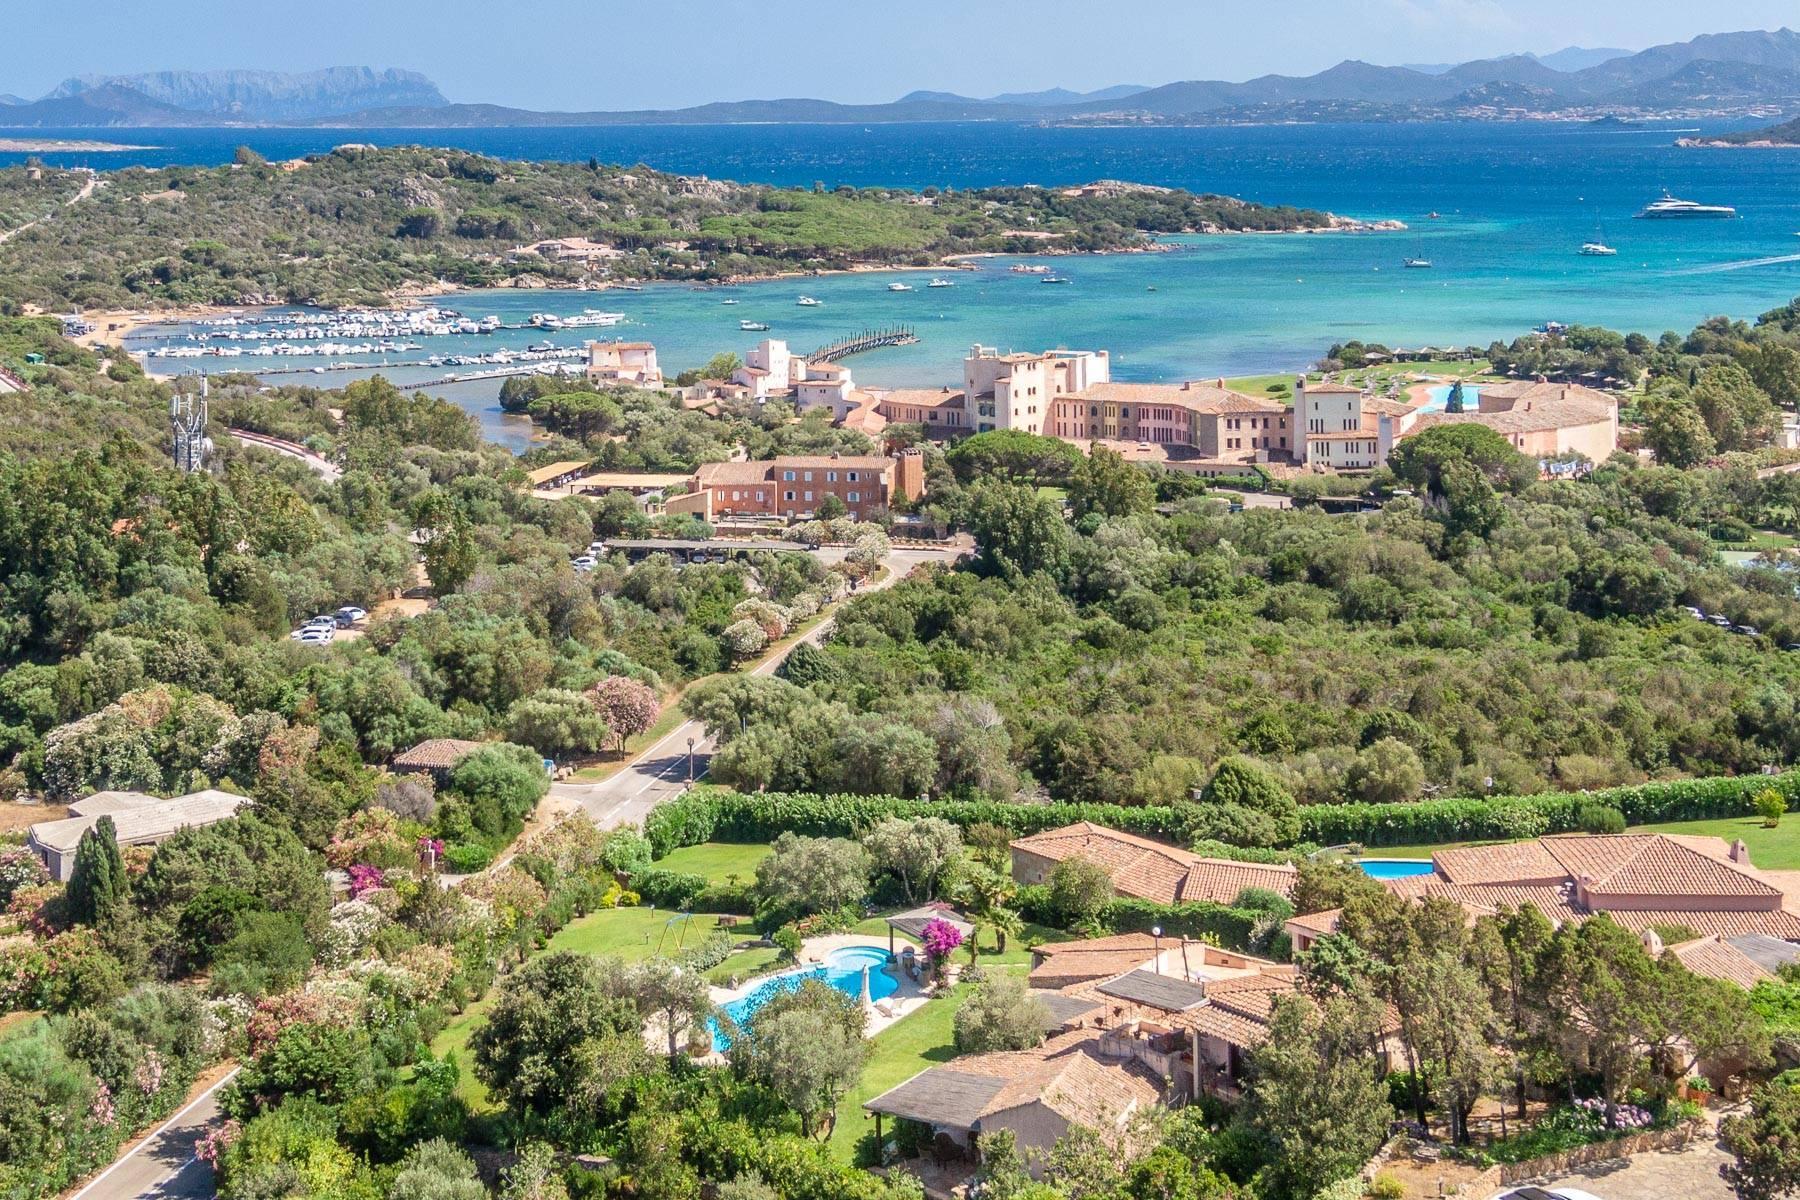 Bellissima villa indipendente con piscina a pochi passi dal Golf Club e Cala di Volpe - 2